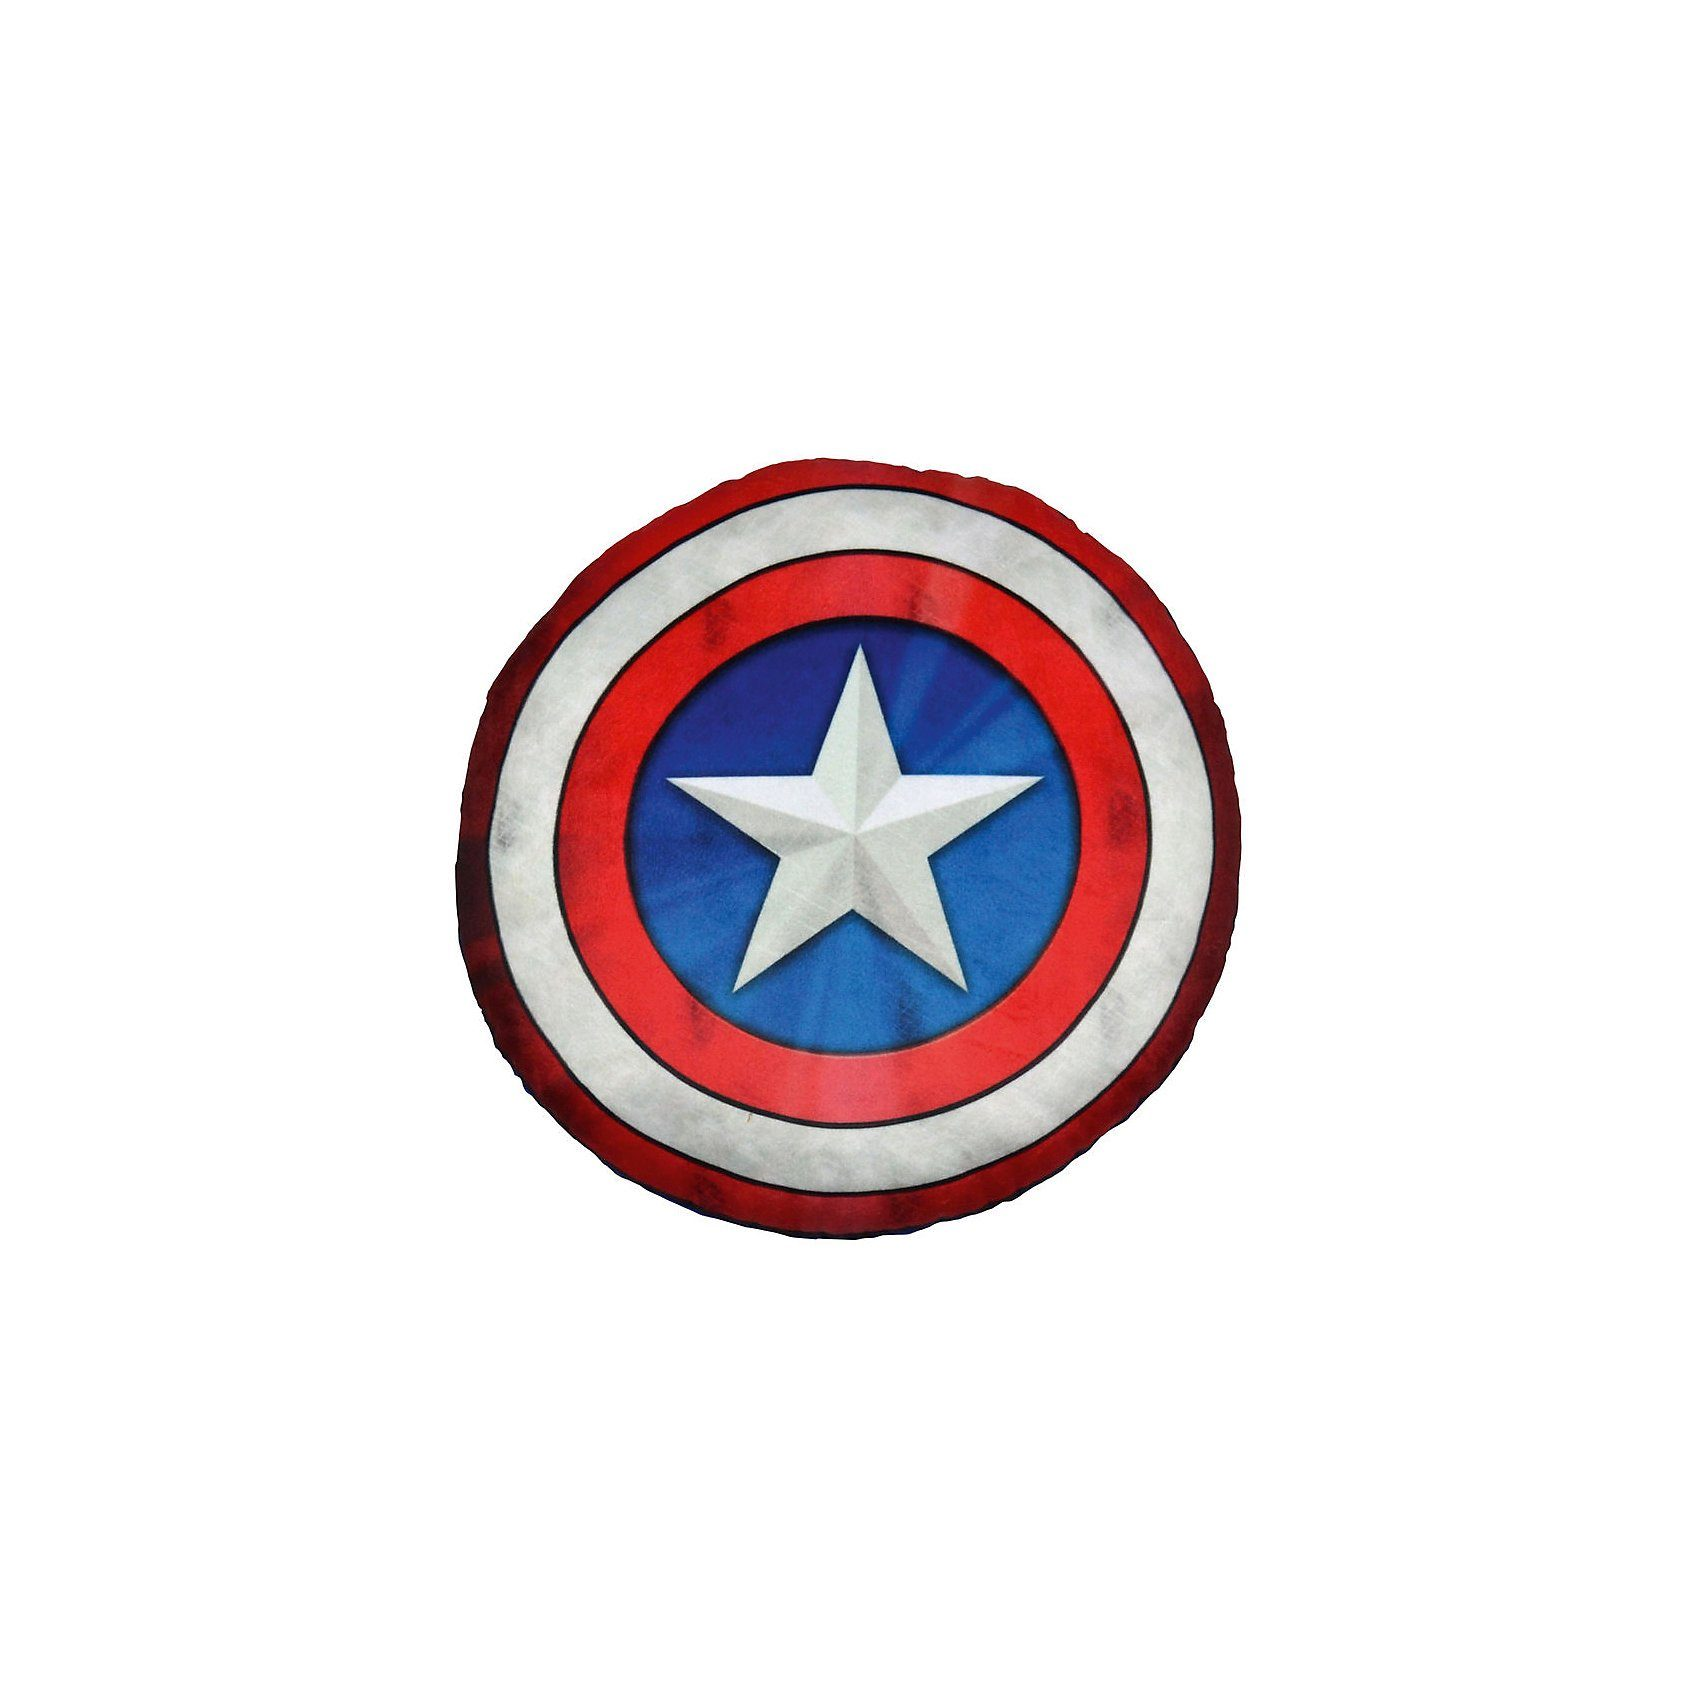 Kissen Marvel Captain Maerica Schild, 33 cm kaufen | OTTO